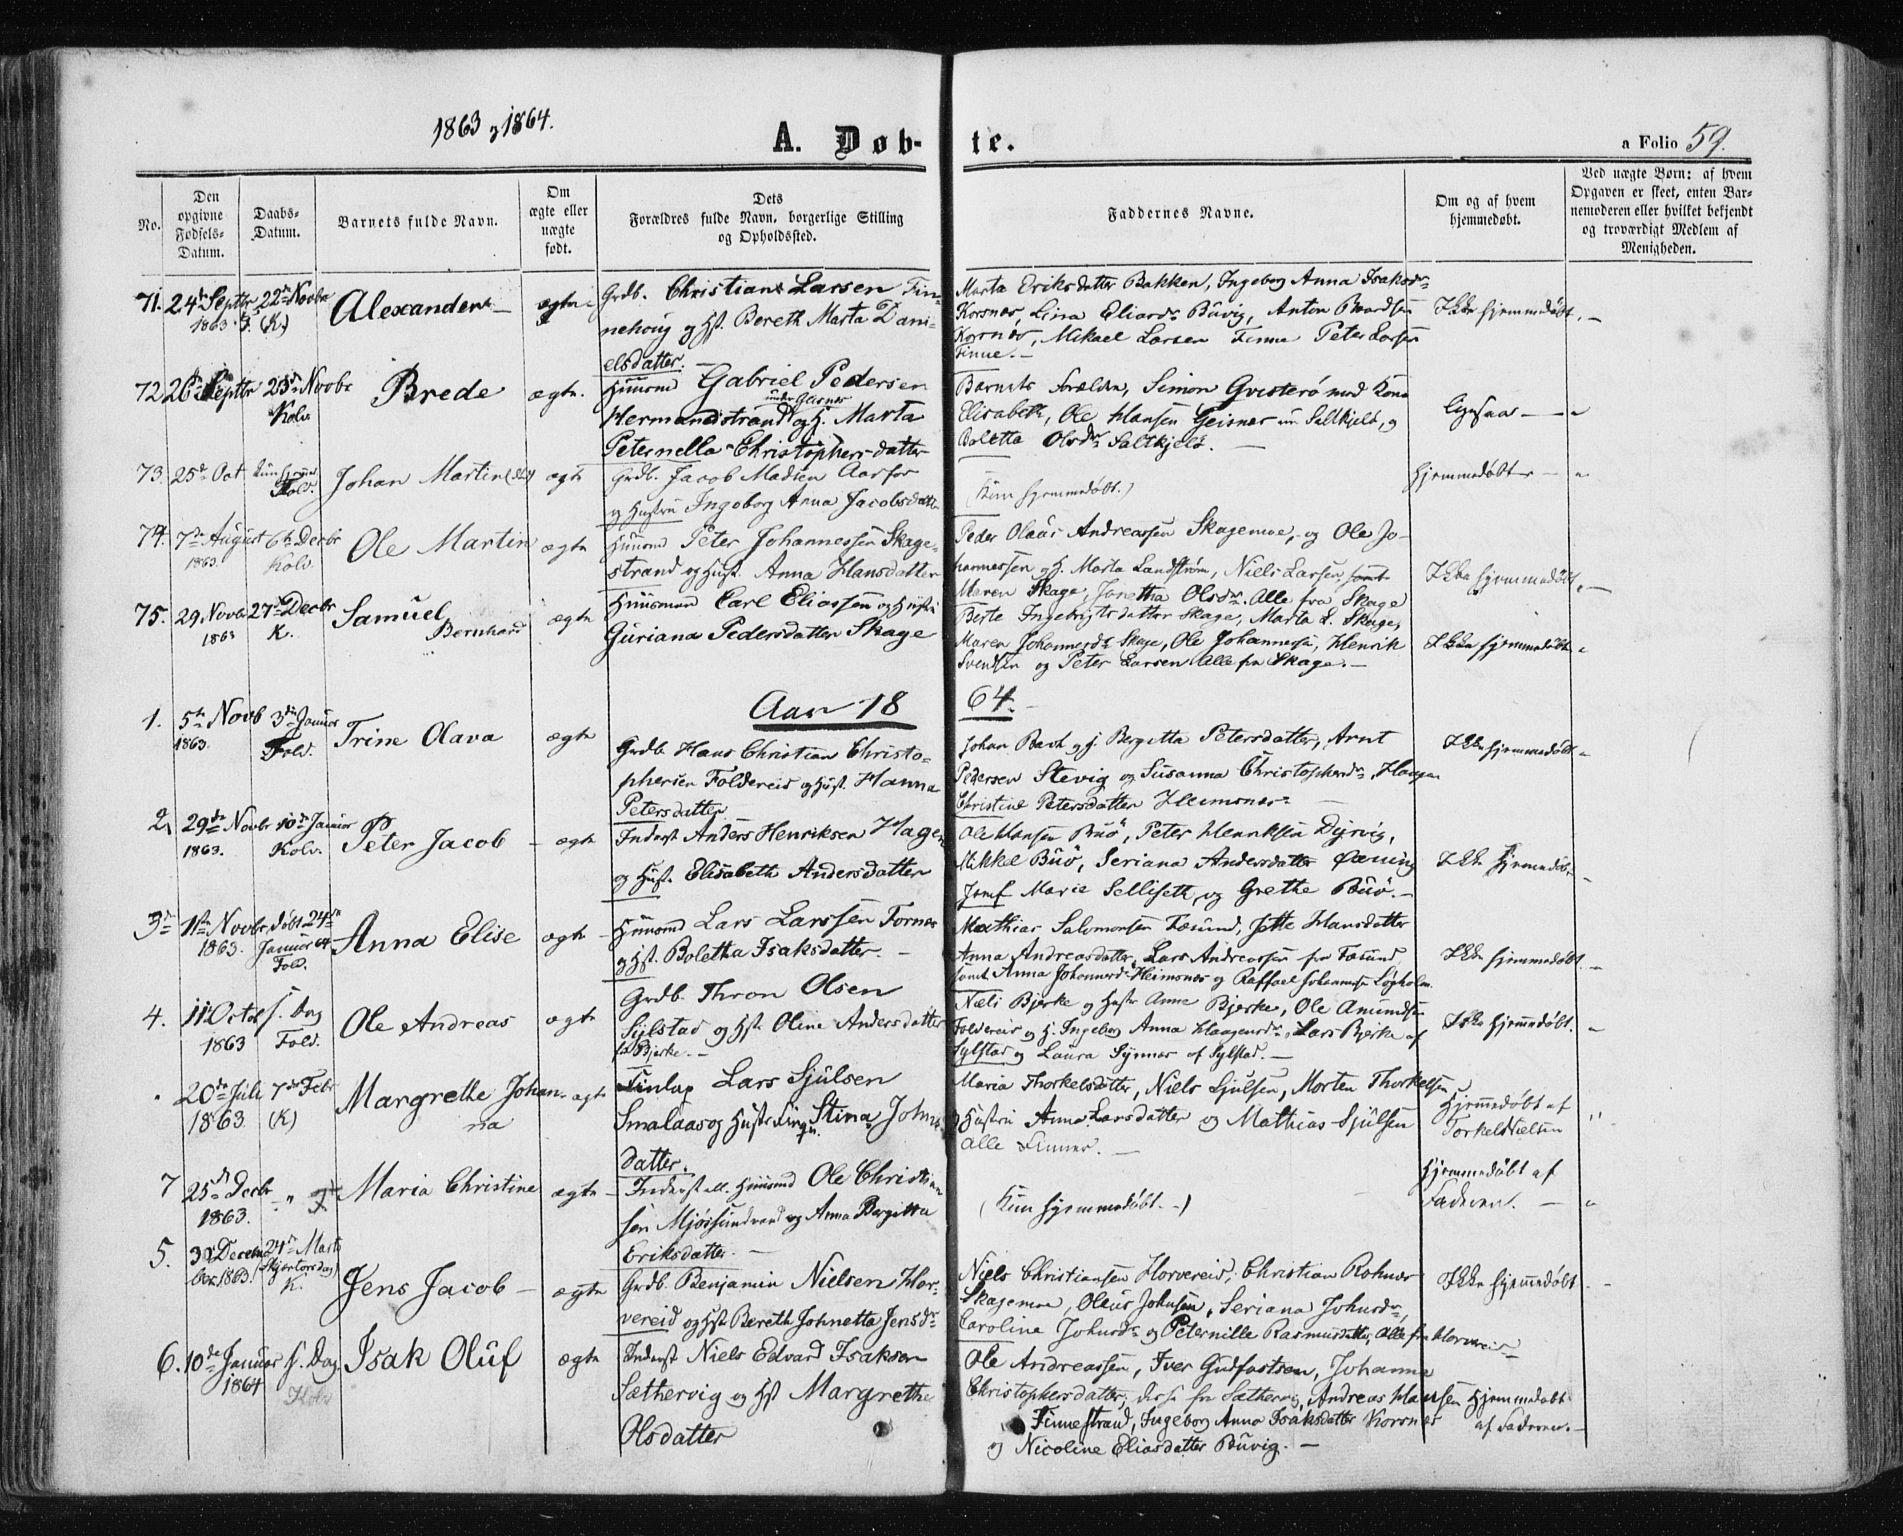 SAT, Ministerialprotokoller, klokkerbøker og fødselsregistre - Nord-Trøndelag, 780/L0641: Ministerialbok nr. 780A06, 1857-1874, s. 59